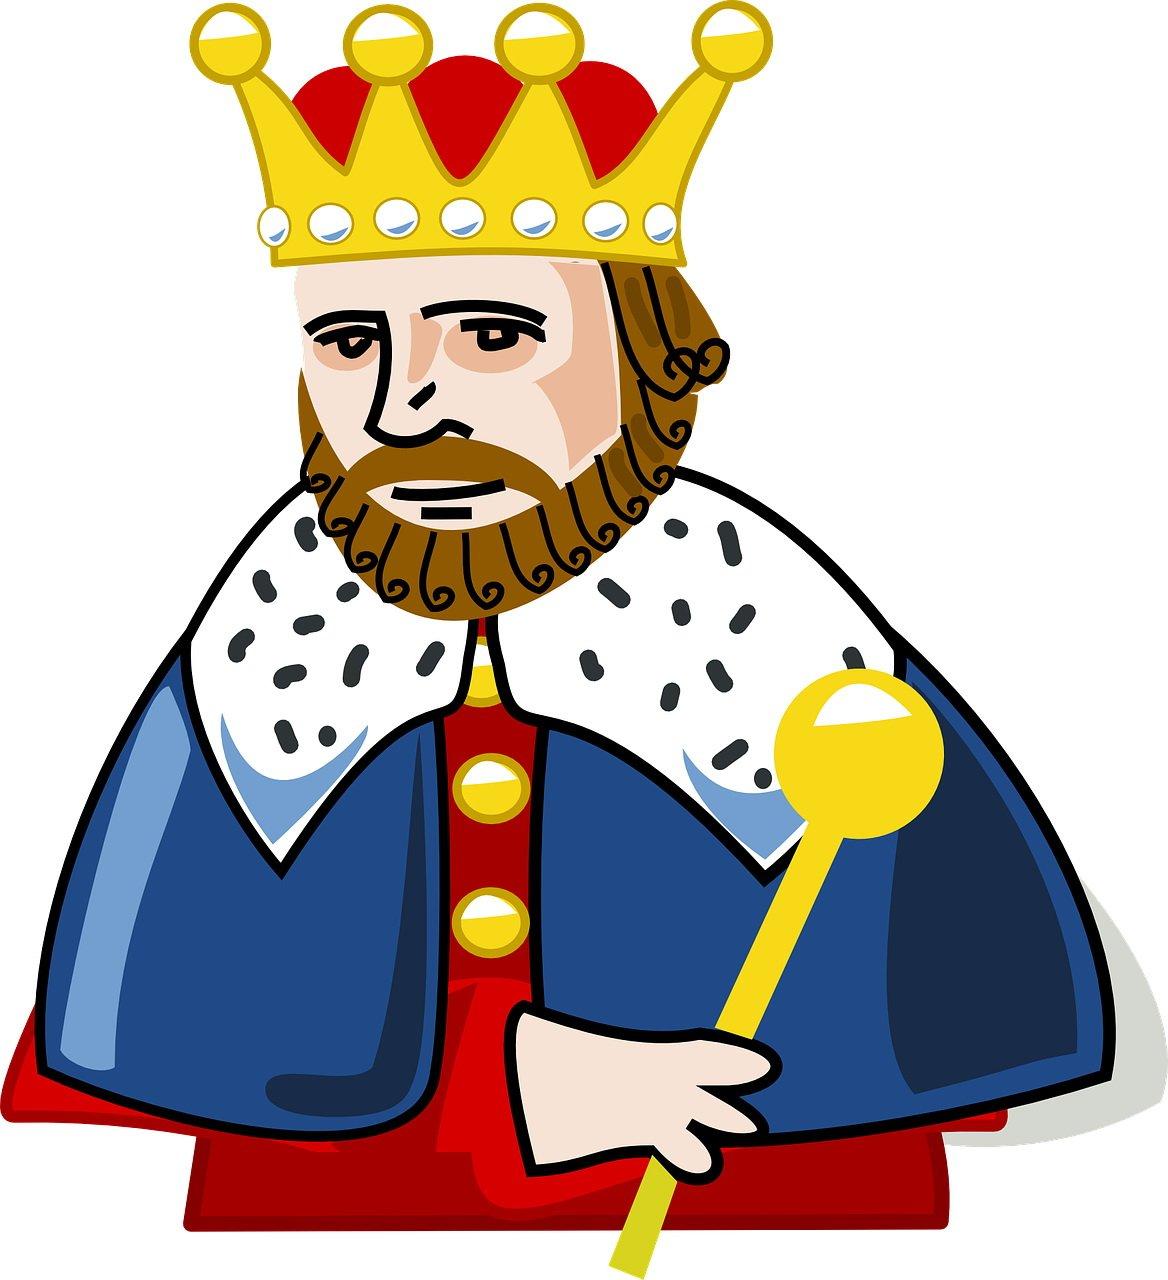 Bajka dla dzieci do czytania o królu Lirze